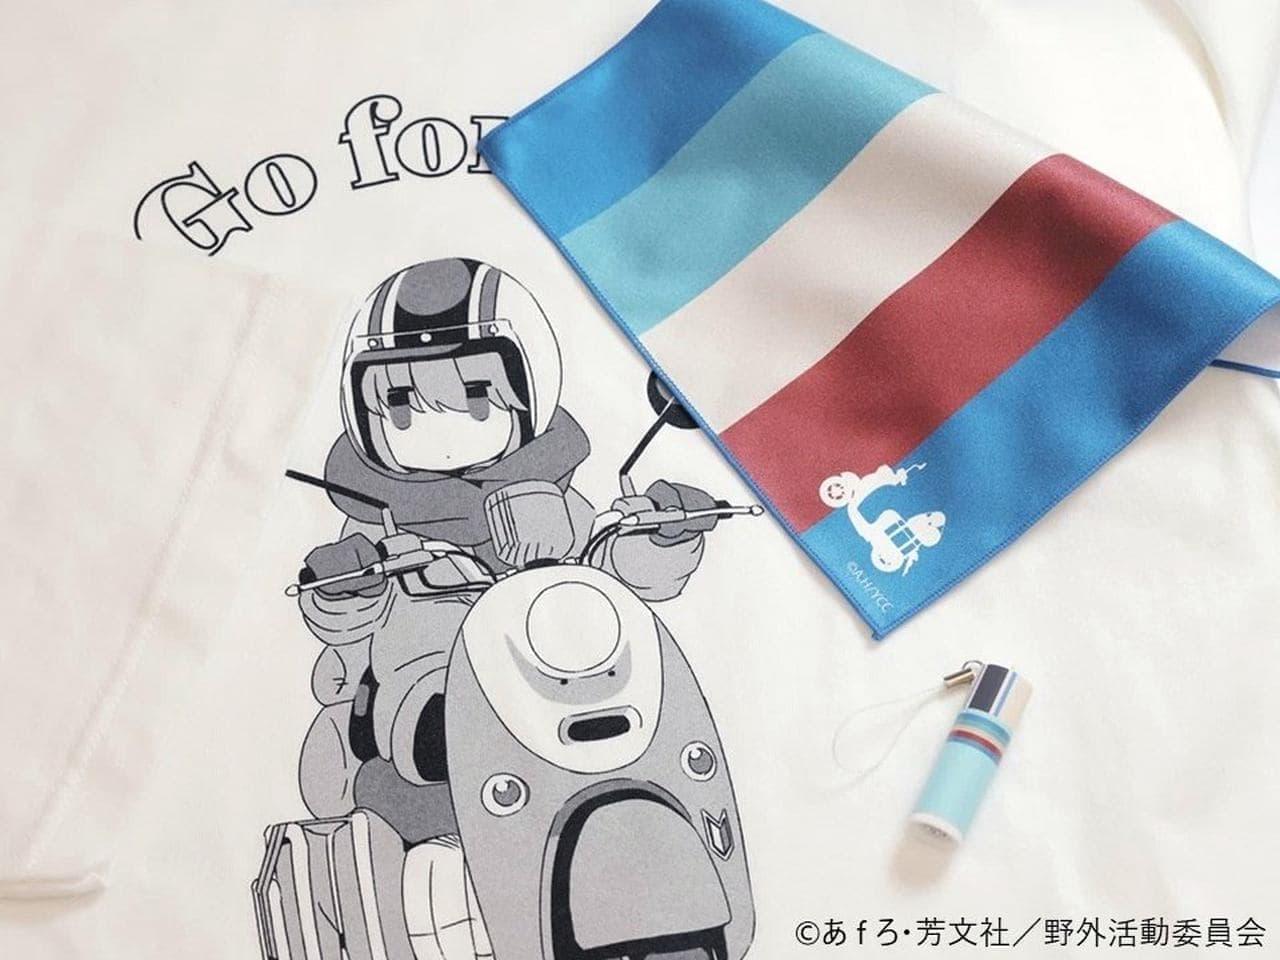 ヤマハと『ゆるキャン△』コラボグッズ発売 第一弾はスクーターに乗ろう!Tシャツなど